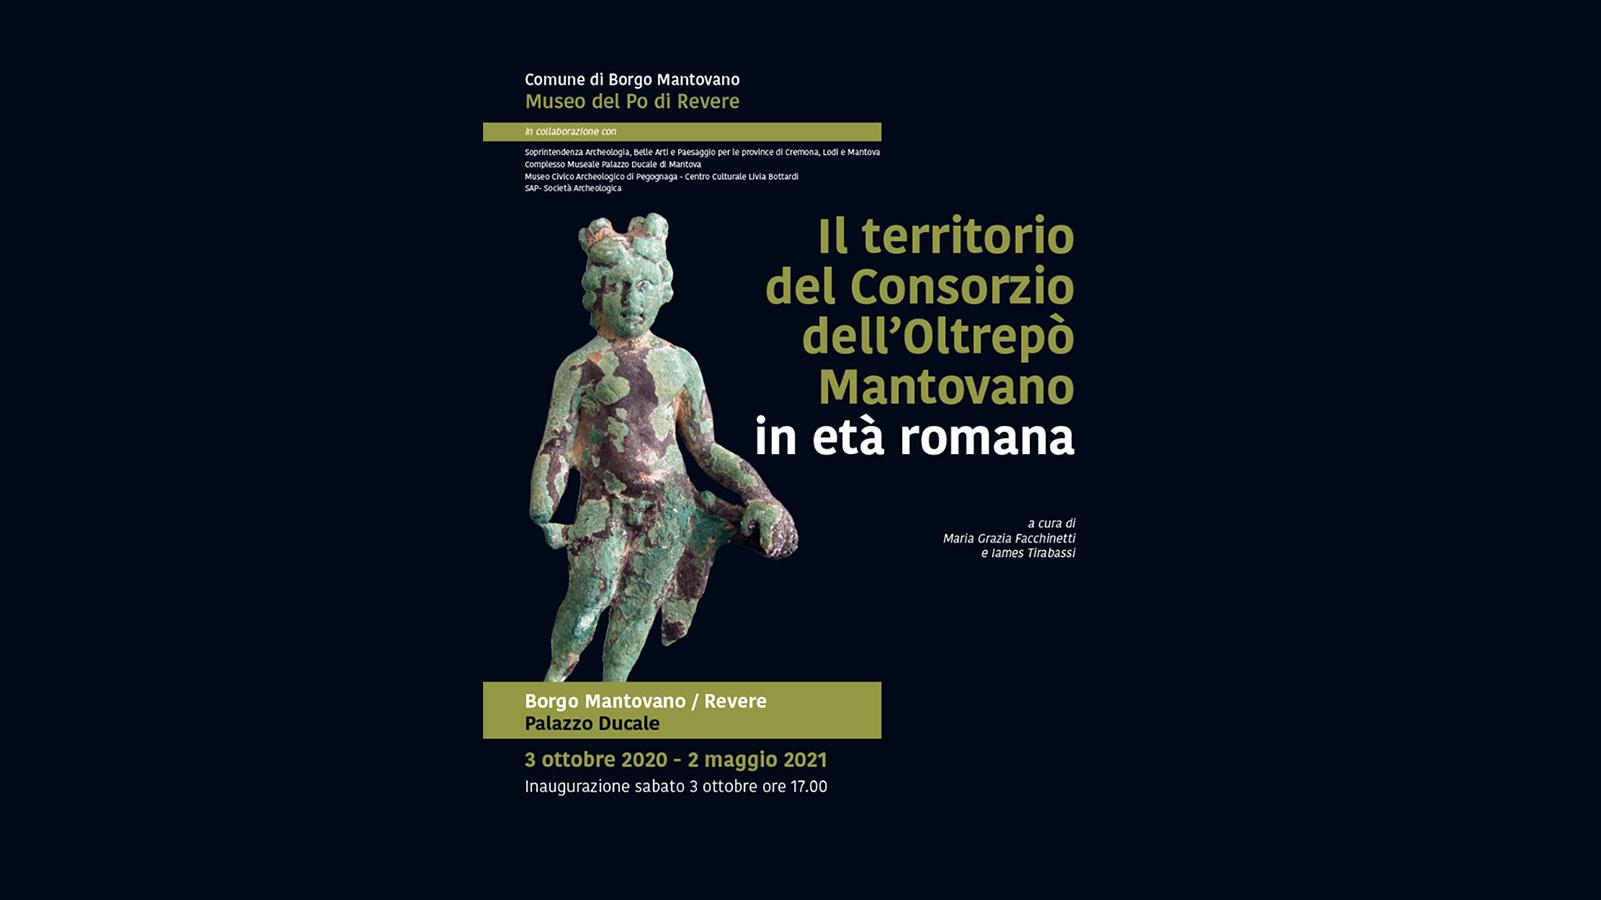 Il territorio del Consorzio dell'Oltrepò Mantovano in età romana